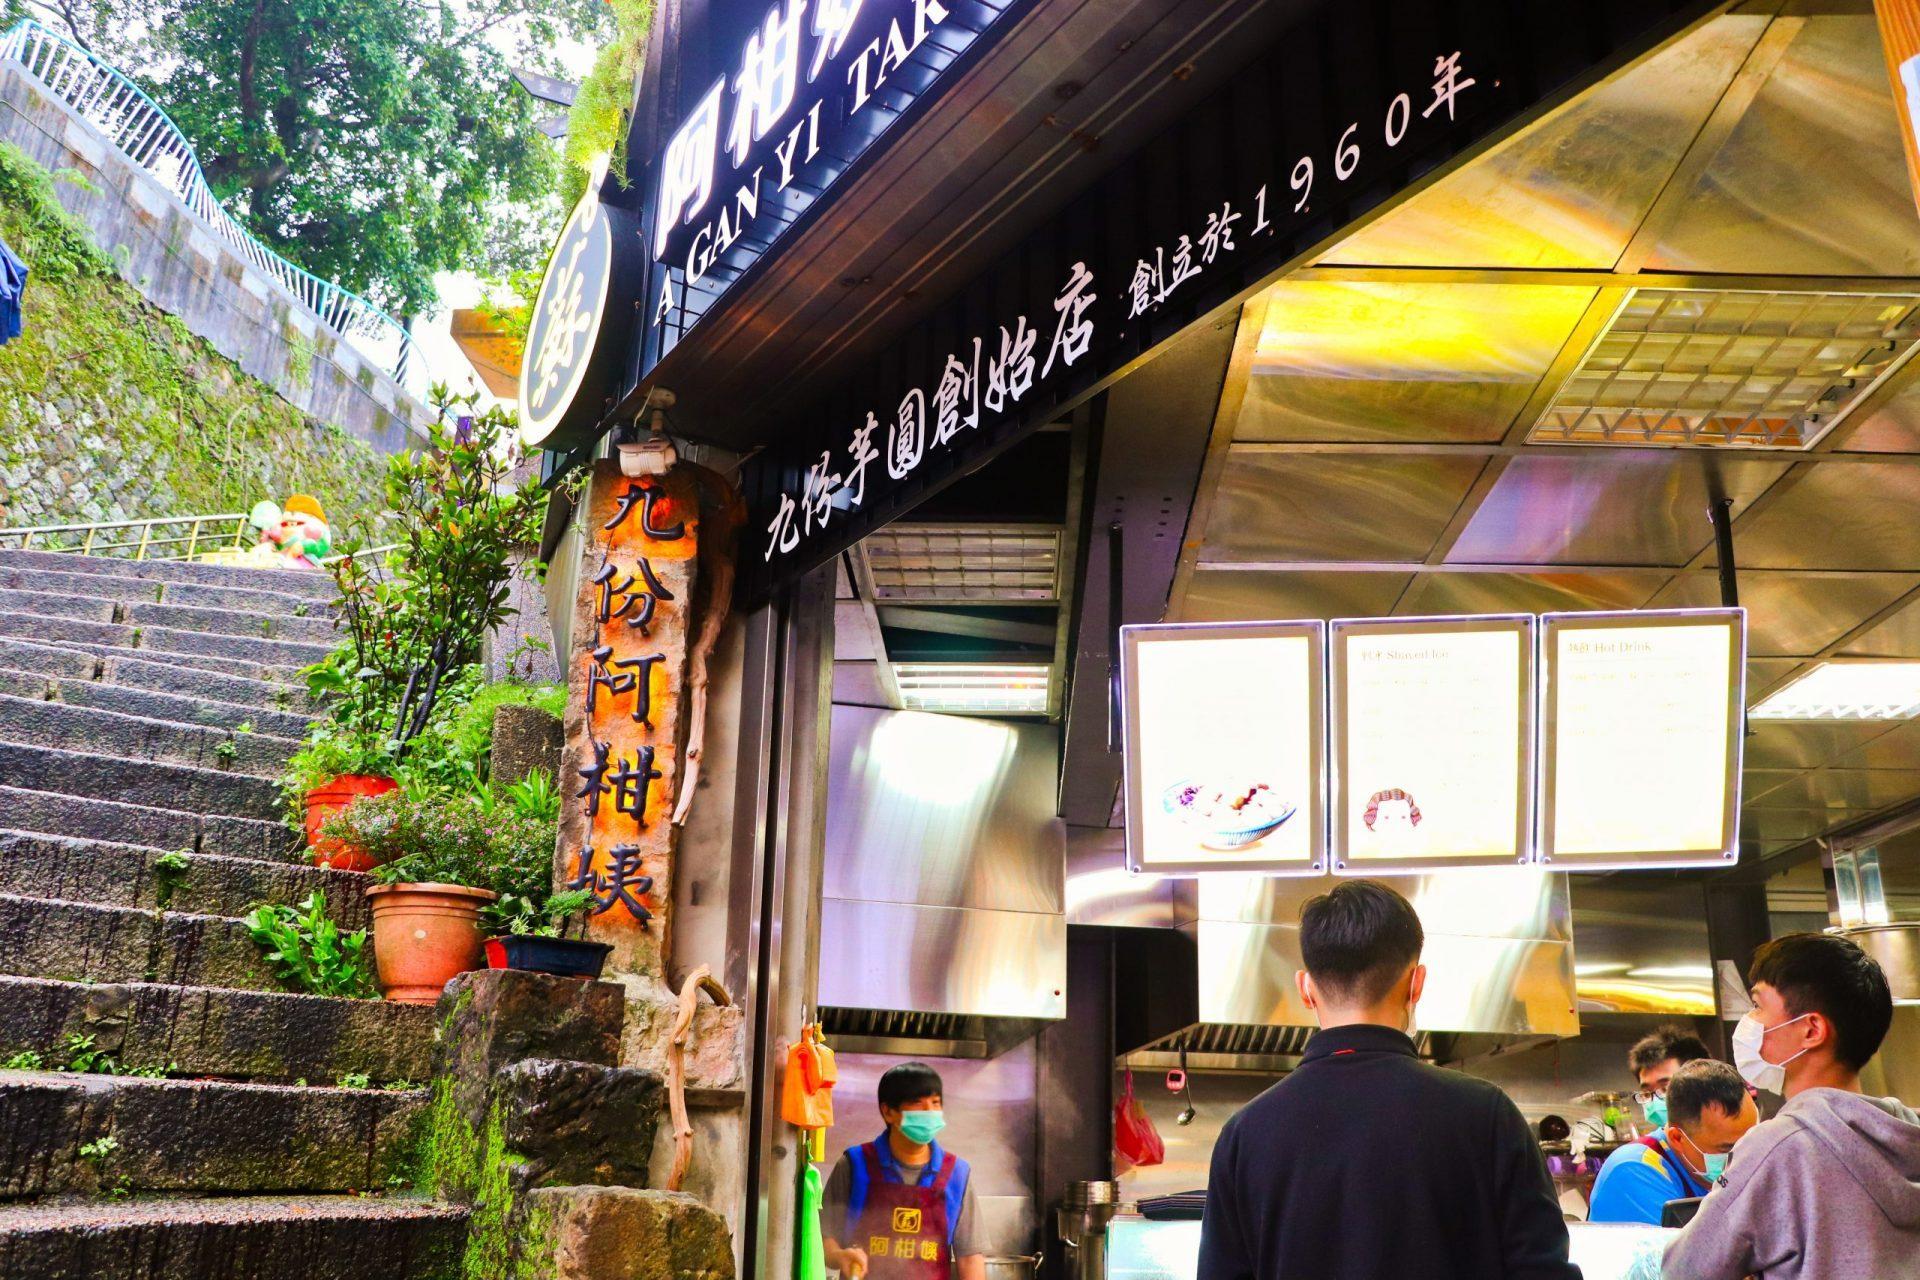 九份芋圓大PK -▼阿柑姨芋圓是歷史老店,假日時人潮排到店外